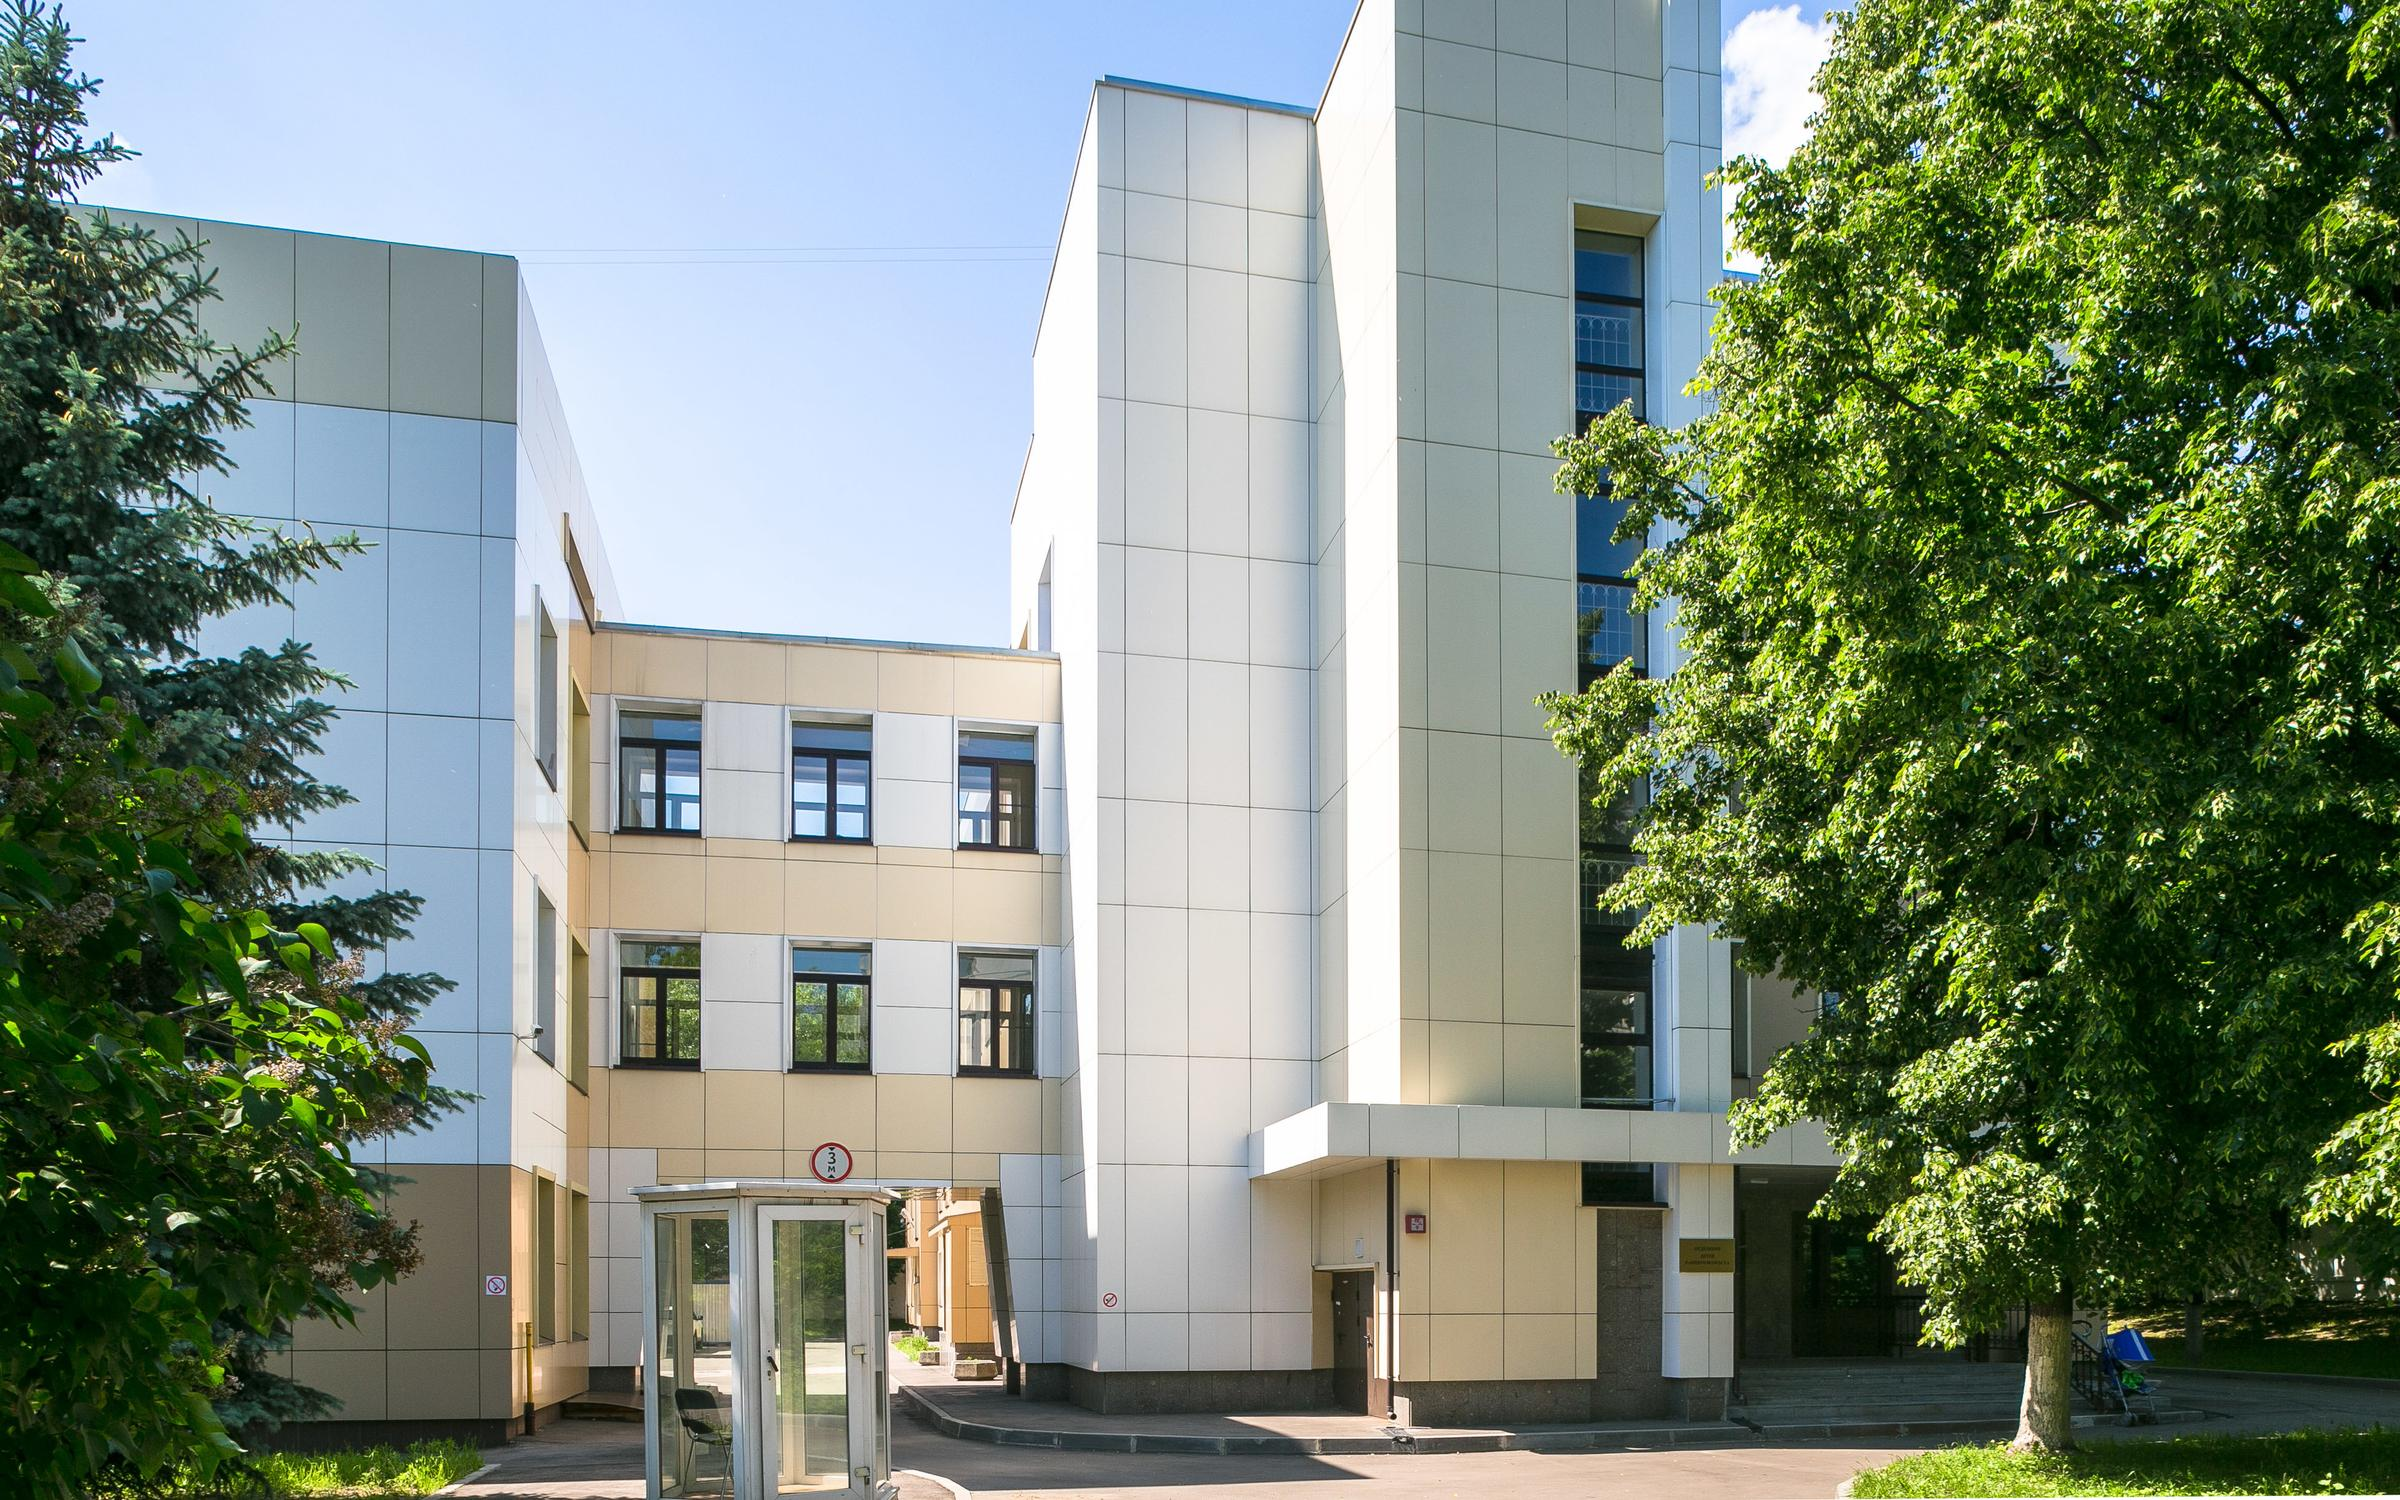 фотография Детского медицинского центра Управления делами Президента РФ на улице Цандера